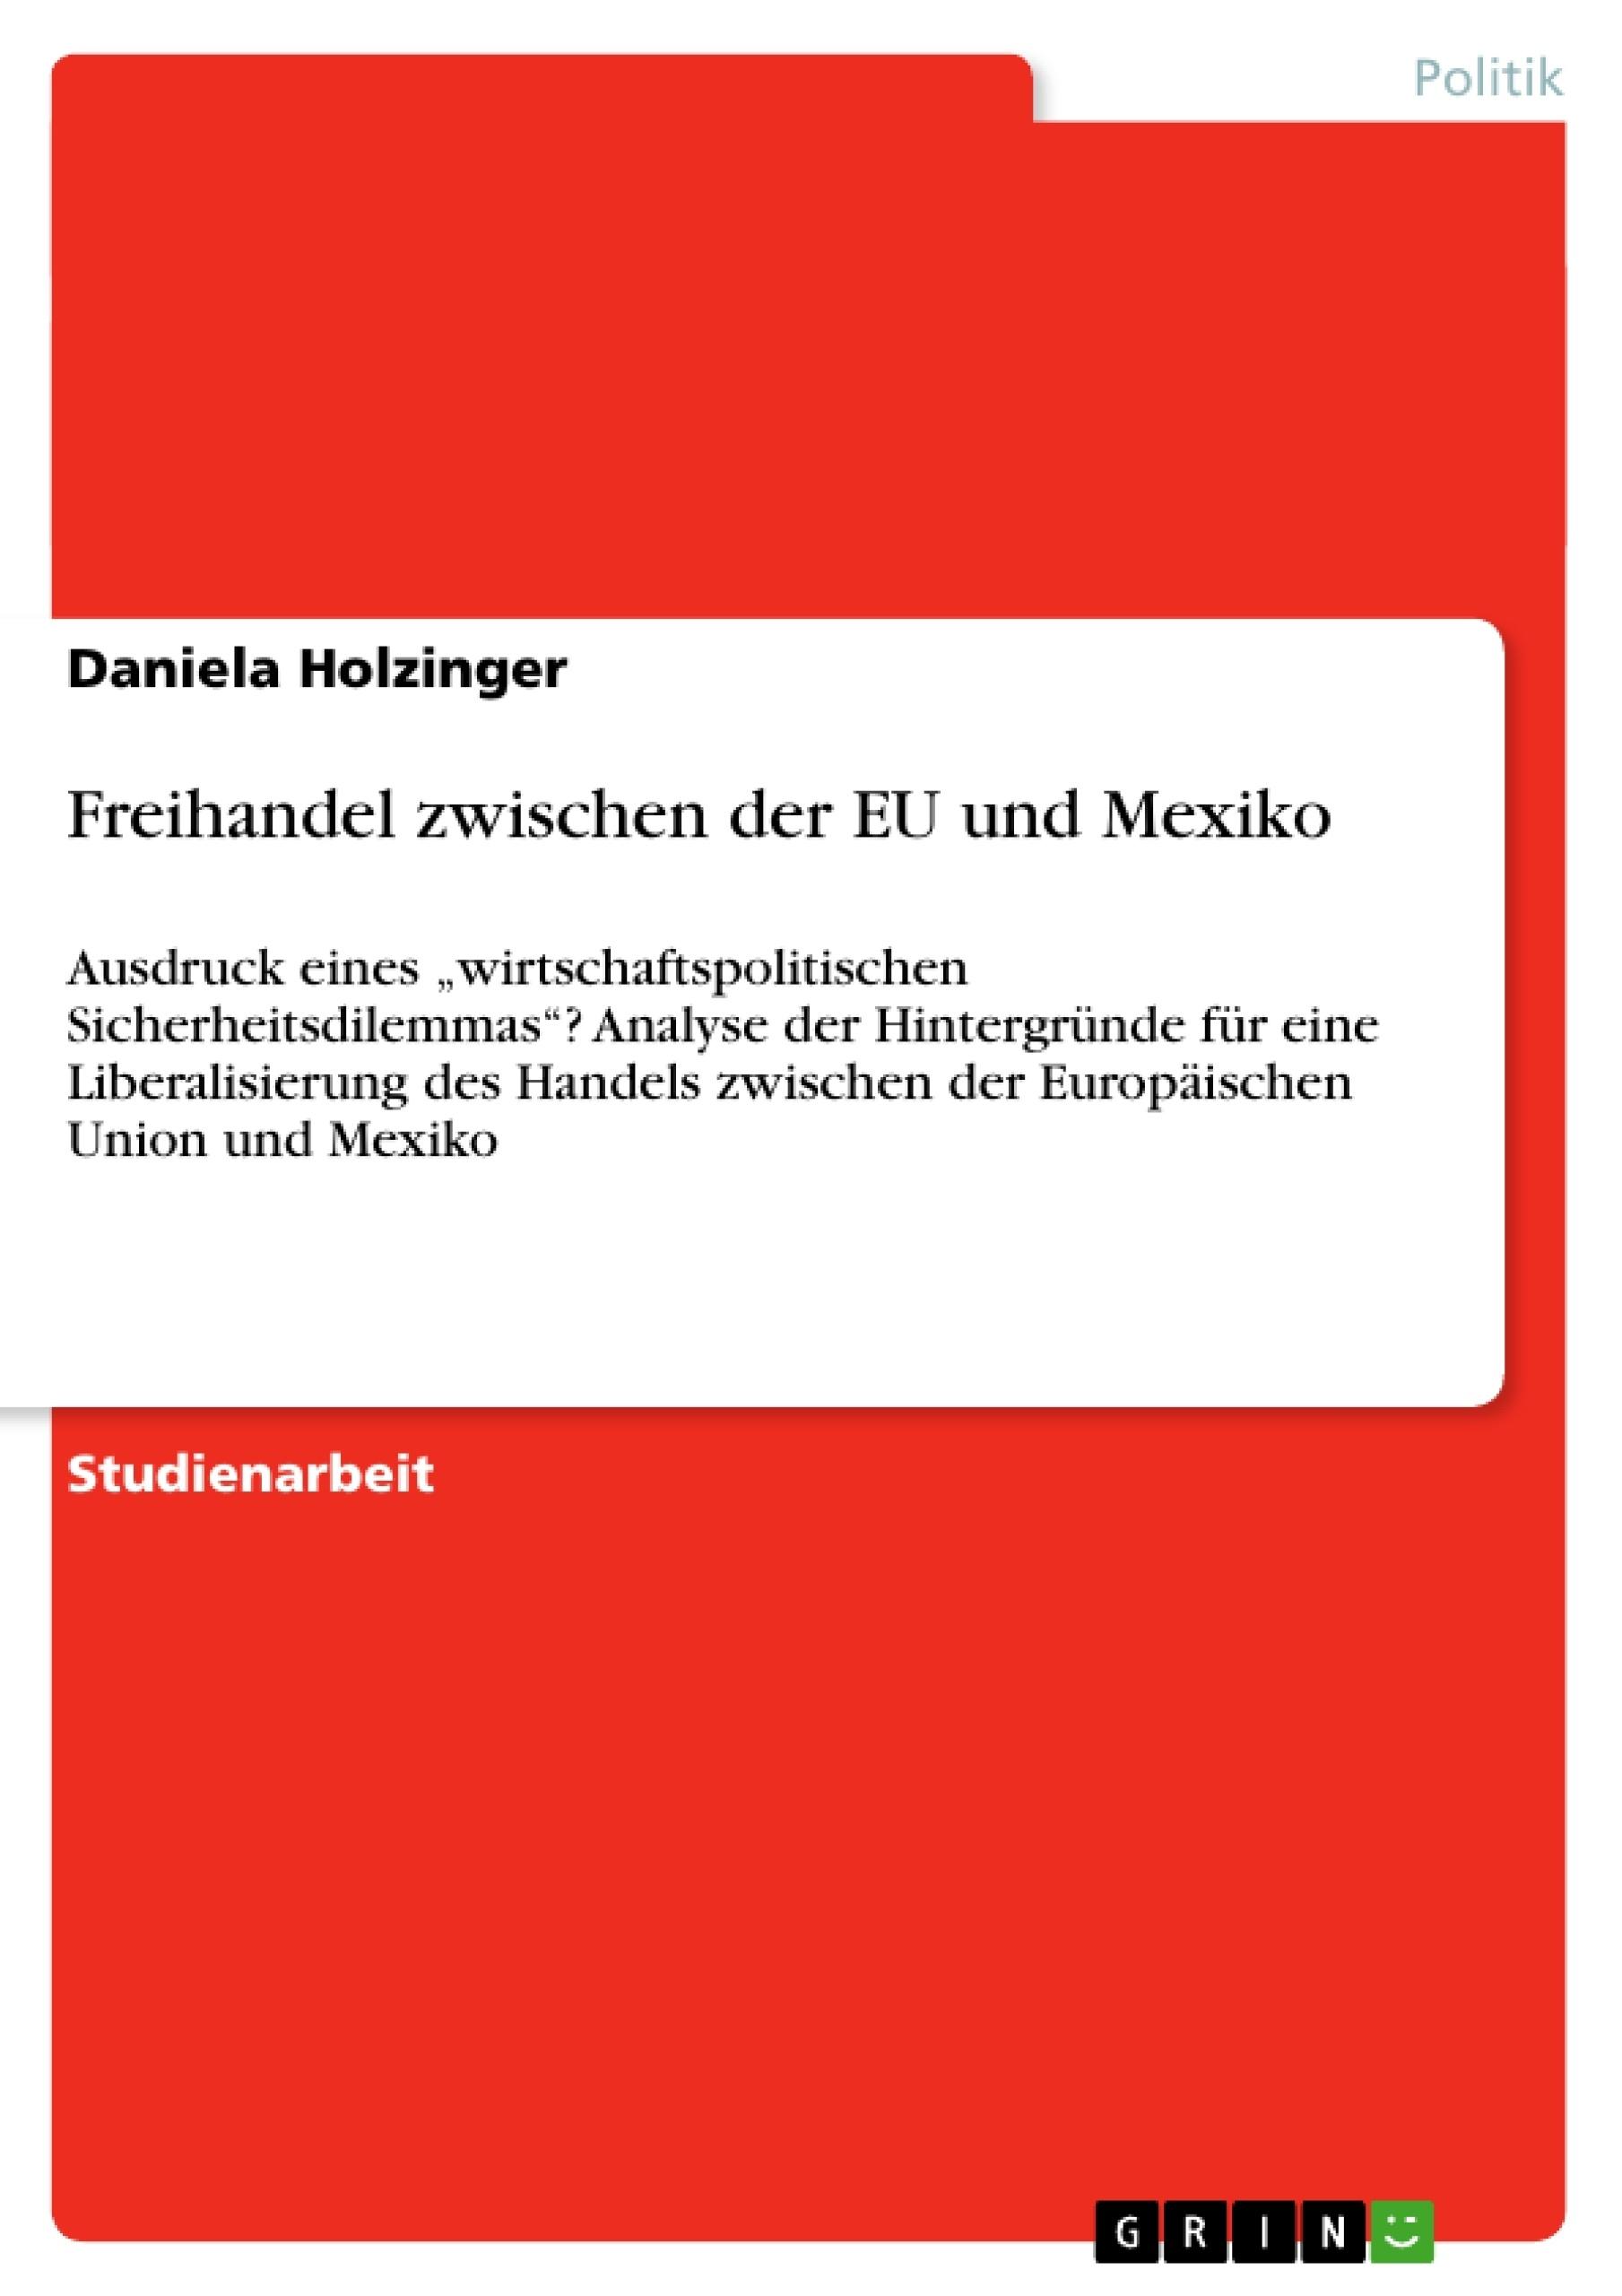 Titel: Freihandel zwischen der EU und Mexiko